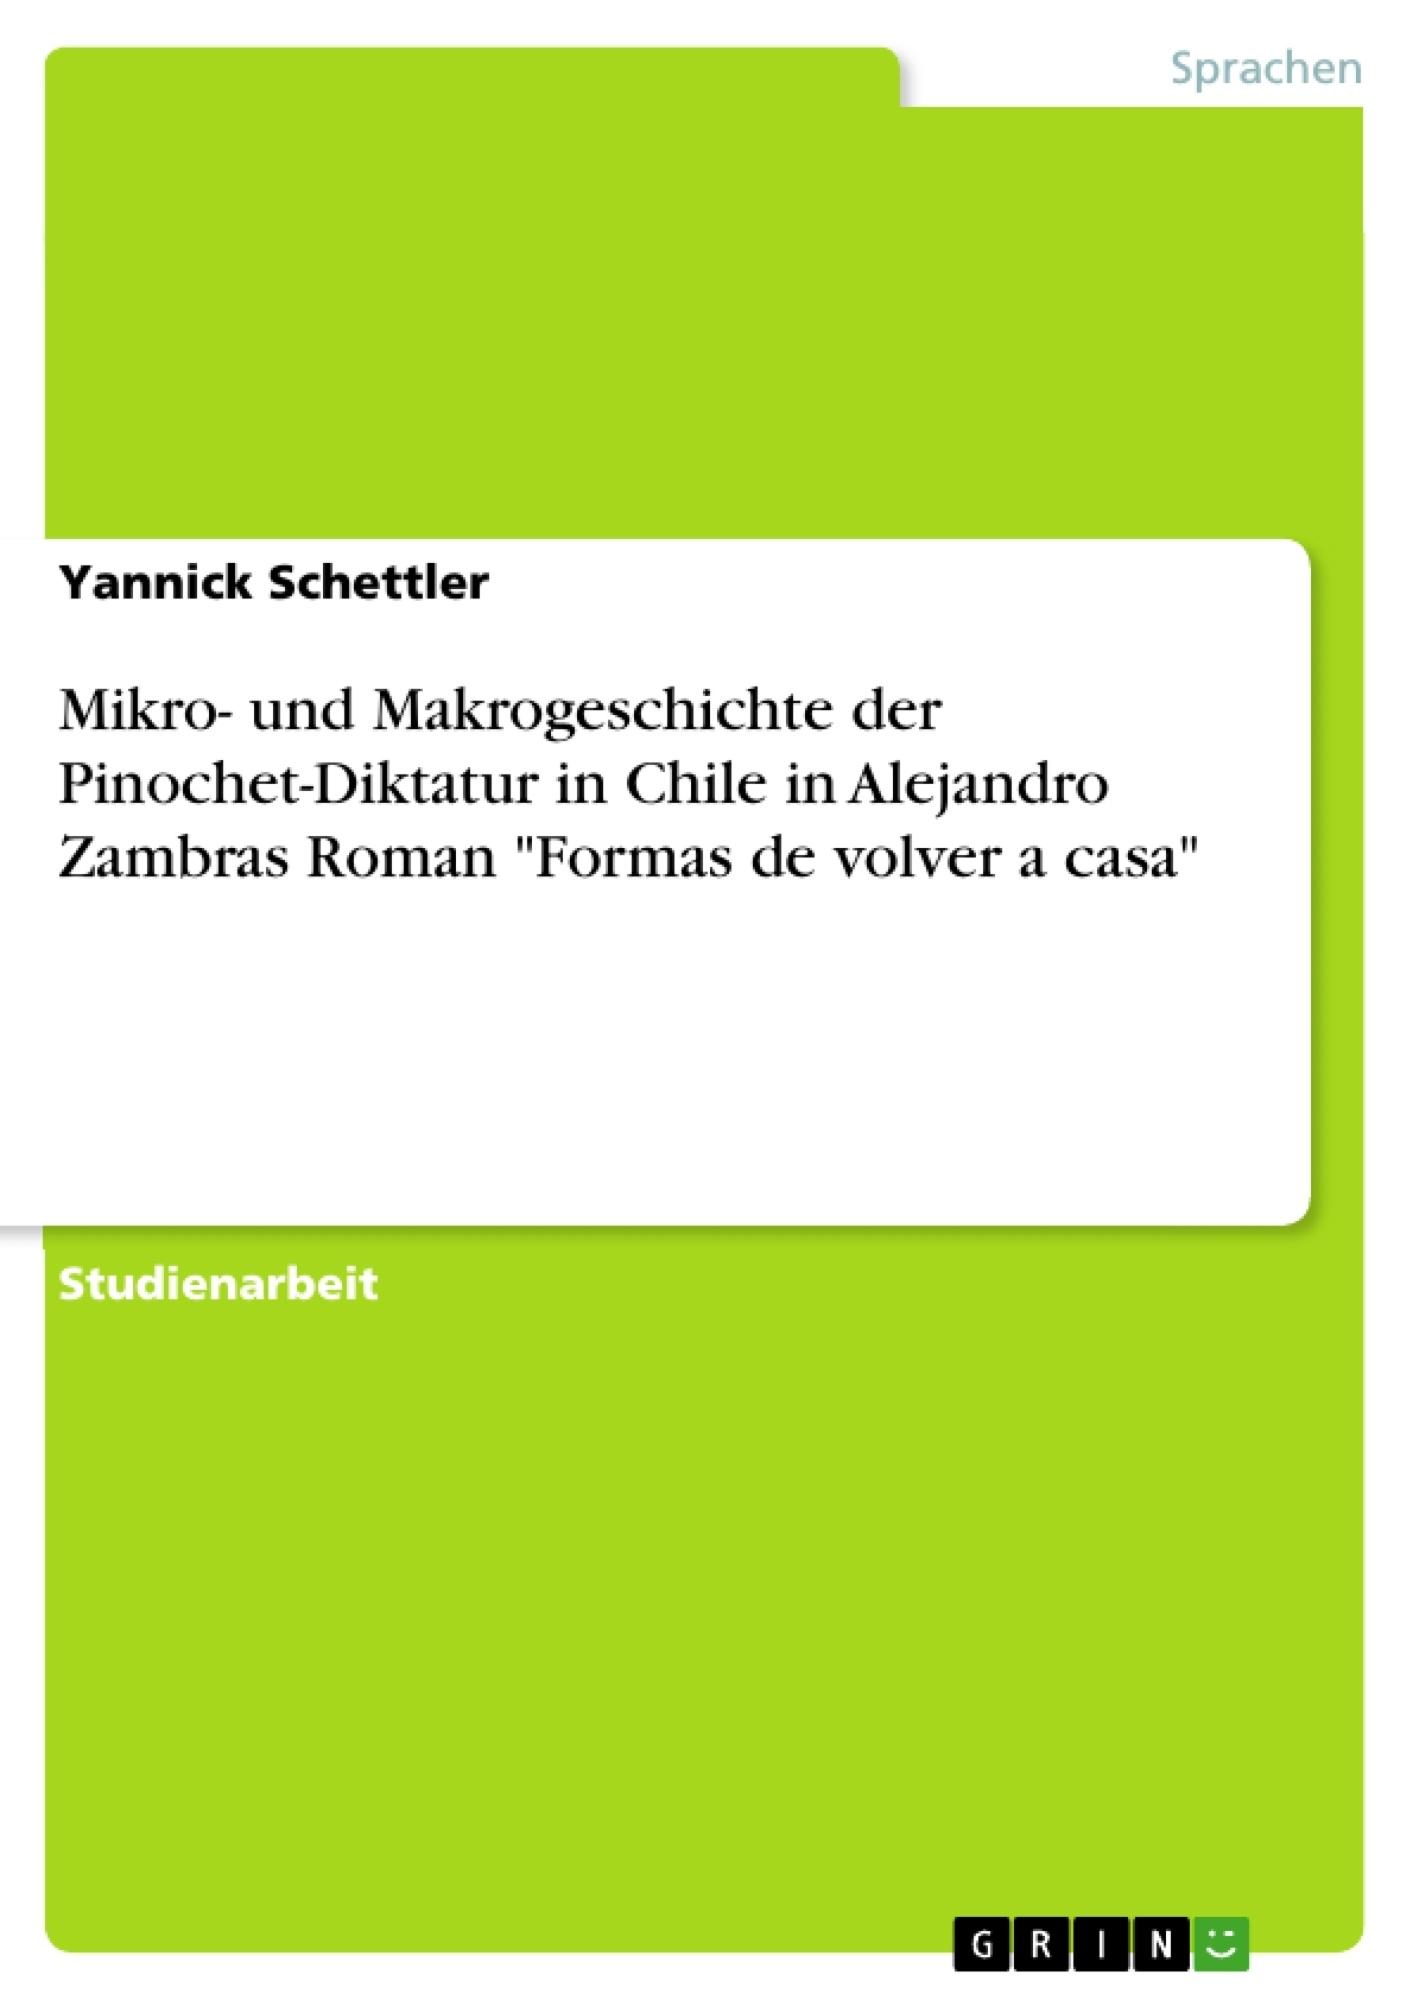 """Titel: Mikro- und Makrogeschichte der Pinochet-Diktatur in Chile in Alejandro Zambras Roman """"Formas de volver a casa"""""""